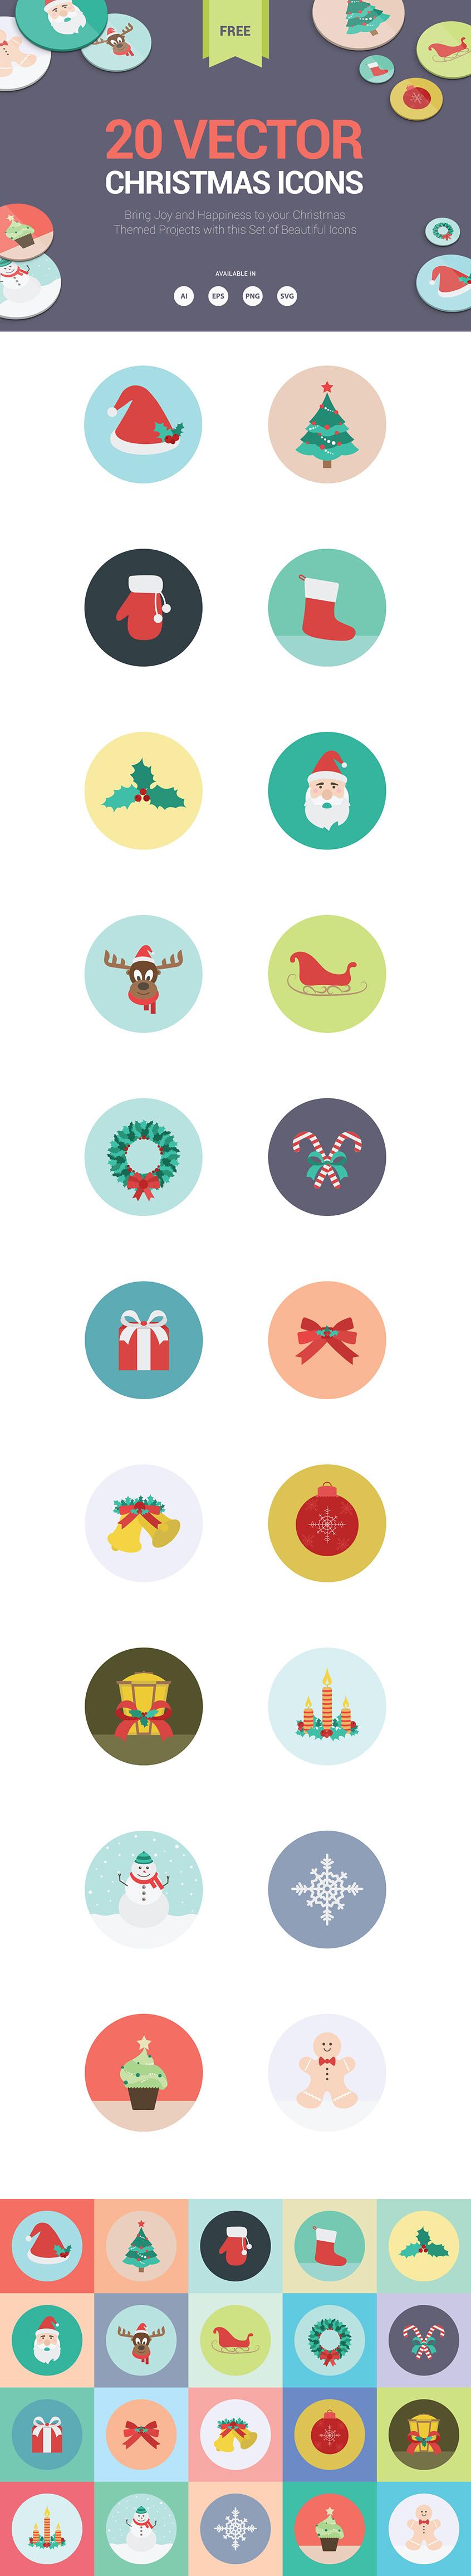 20 Christmas Icons 2015